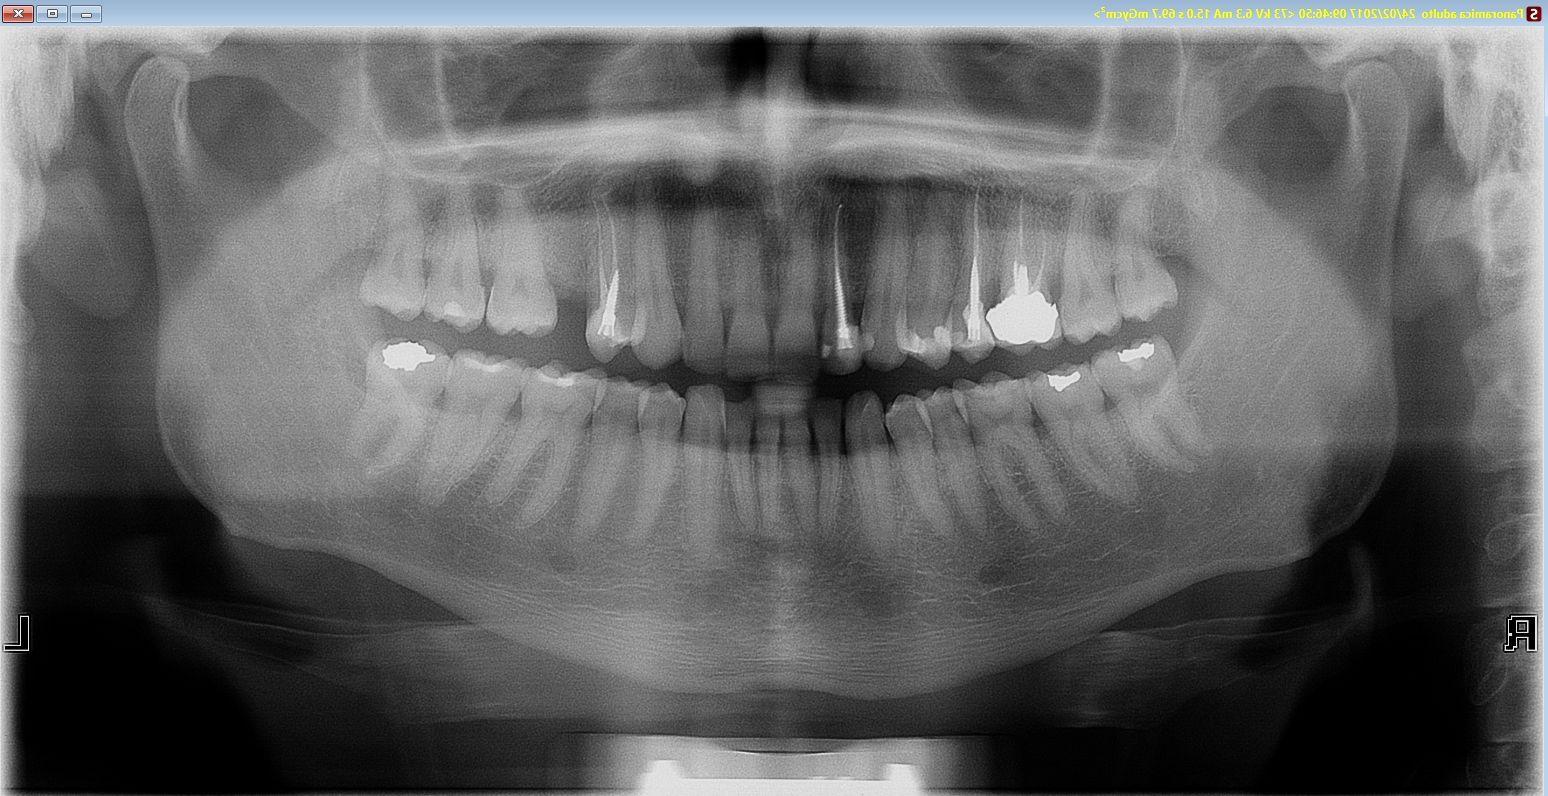 Circa sei mesi fa mi sono recato dal mio dentista per la frattura di un incisivo